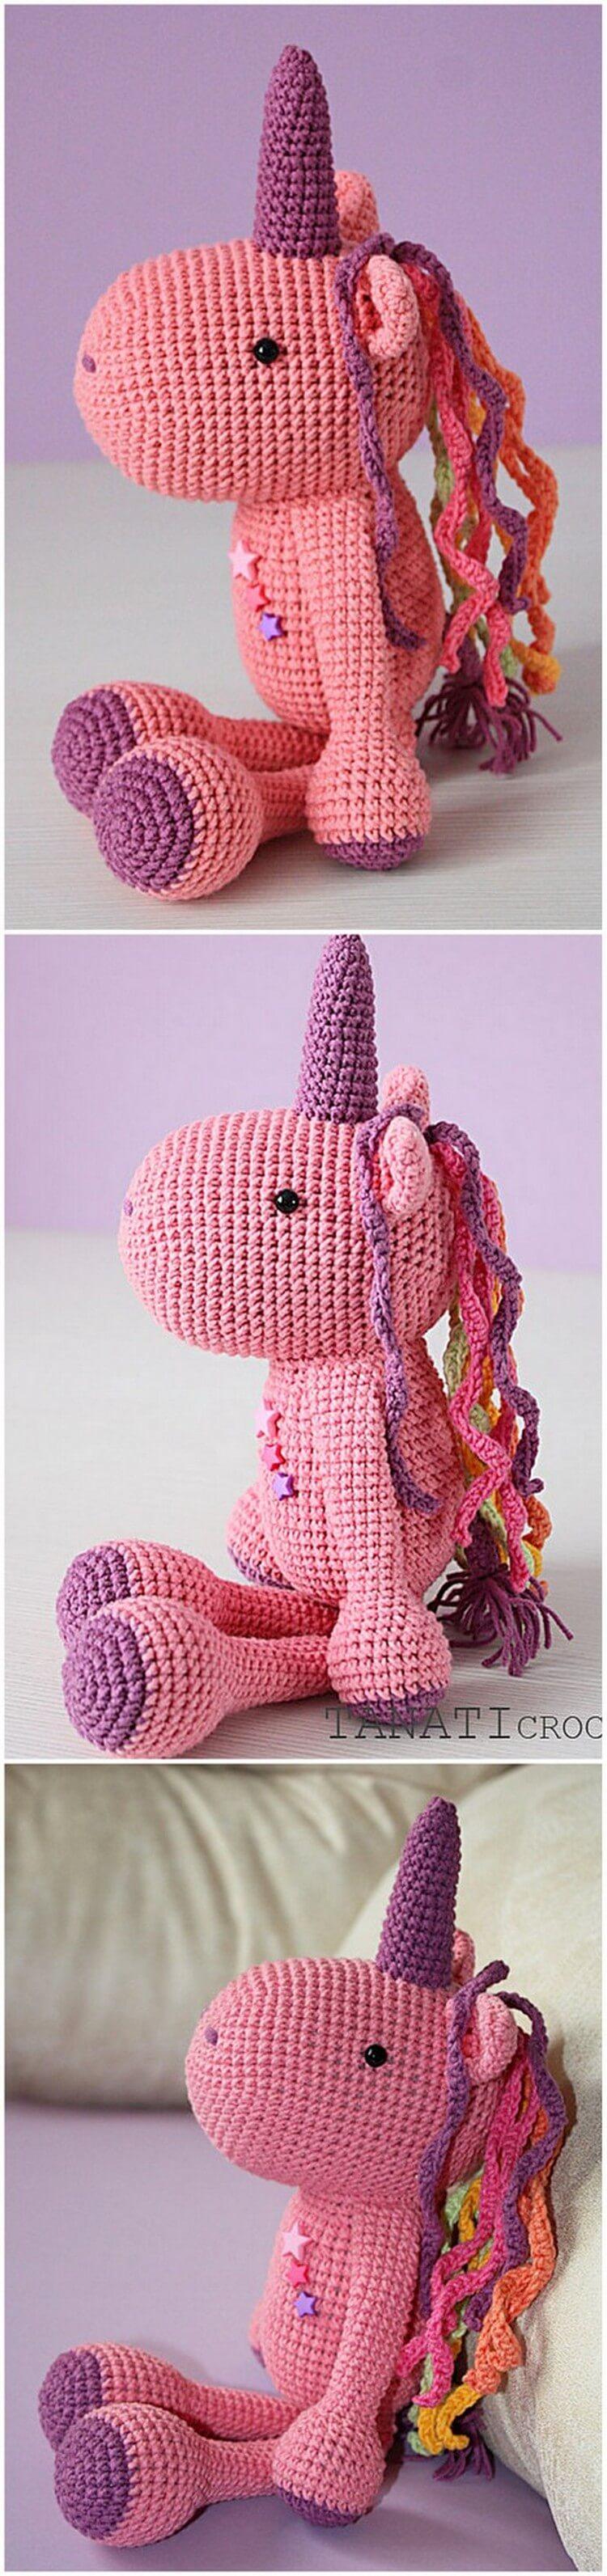 Crochet Unicorn Pattern (11)